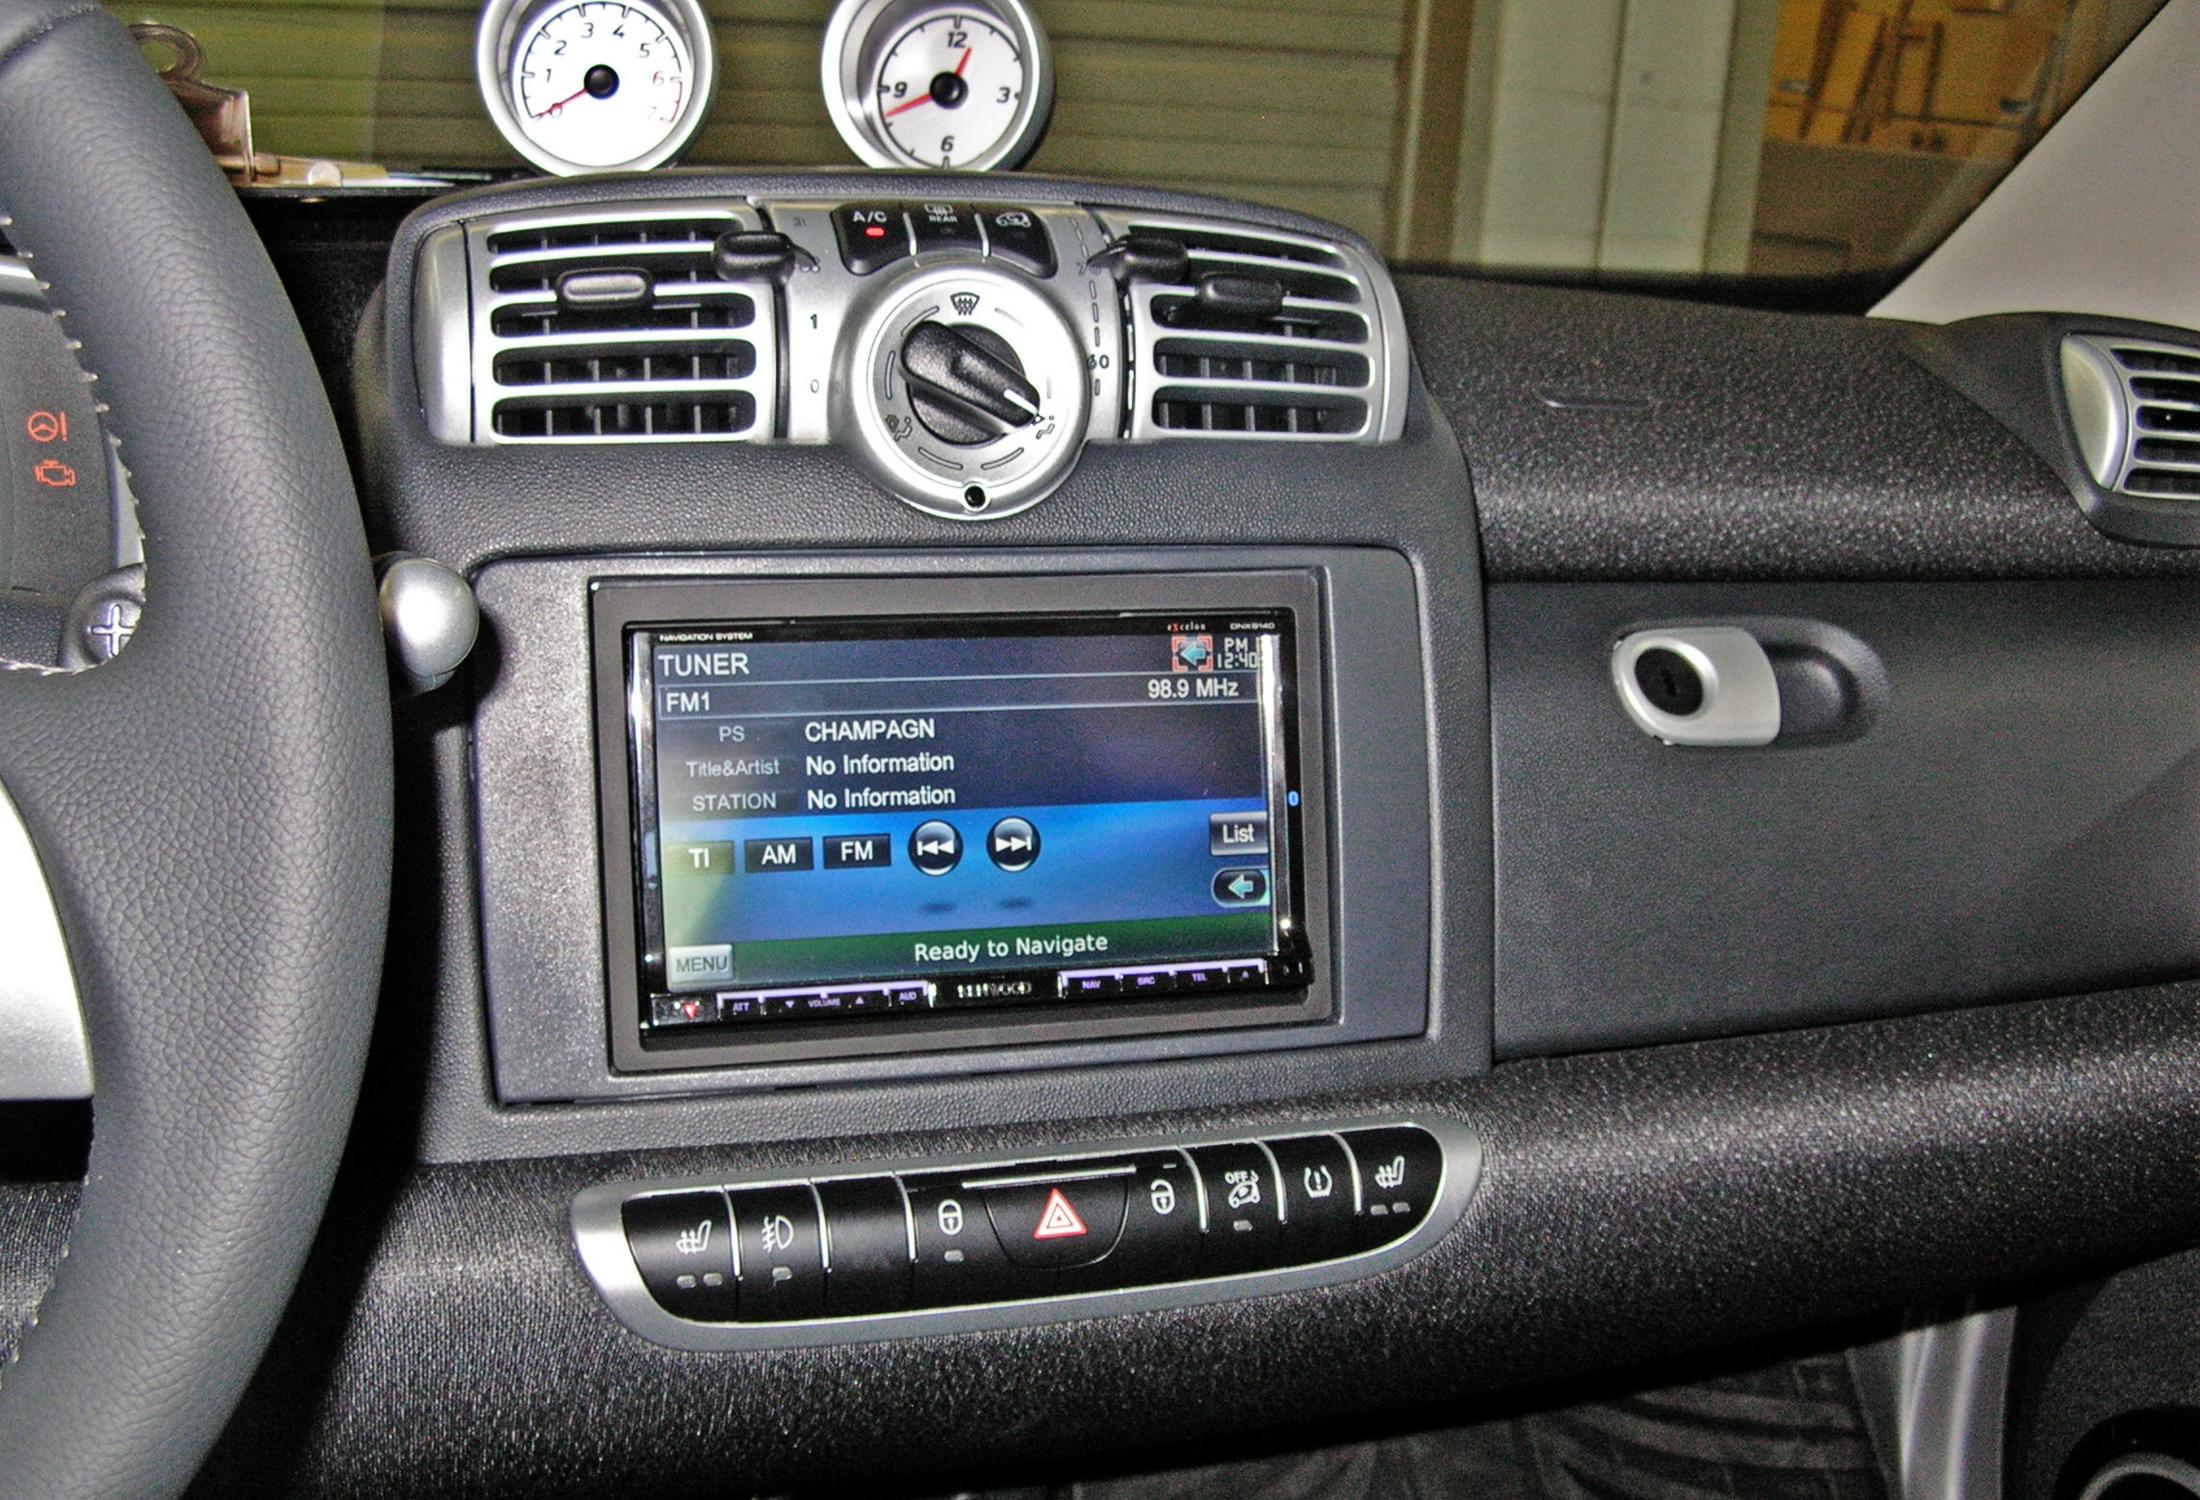 Smart Fortwo Santa Fe Auto Sound